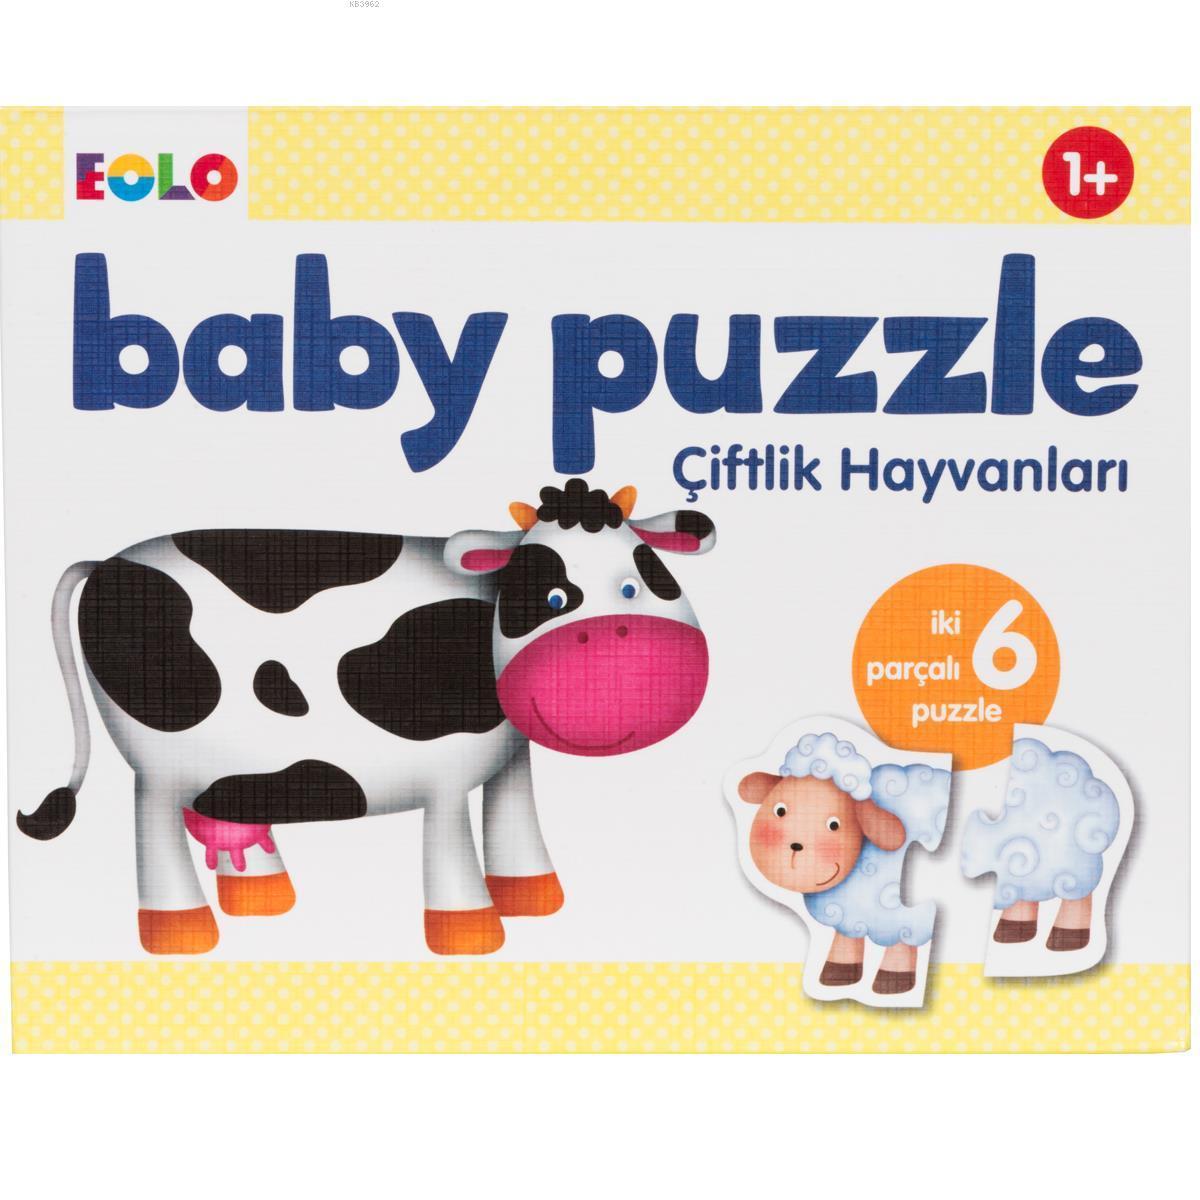 Eolo Baby Puzzle Çiflik Hayvanlari